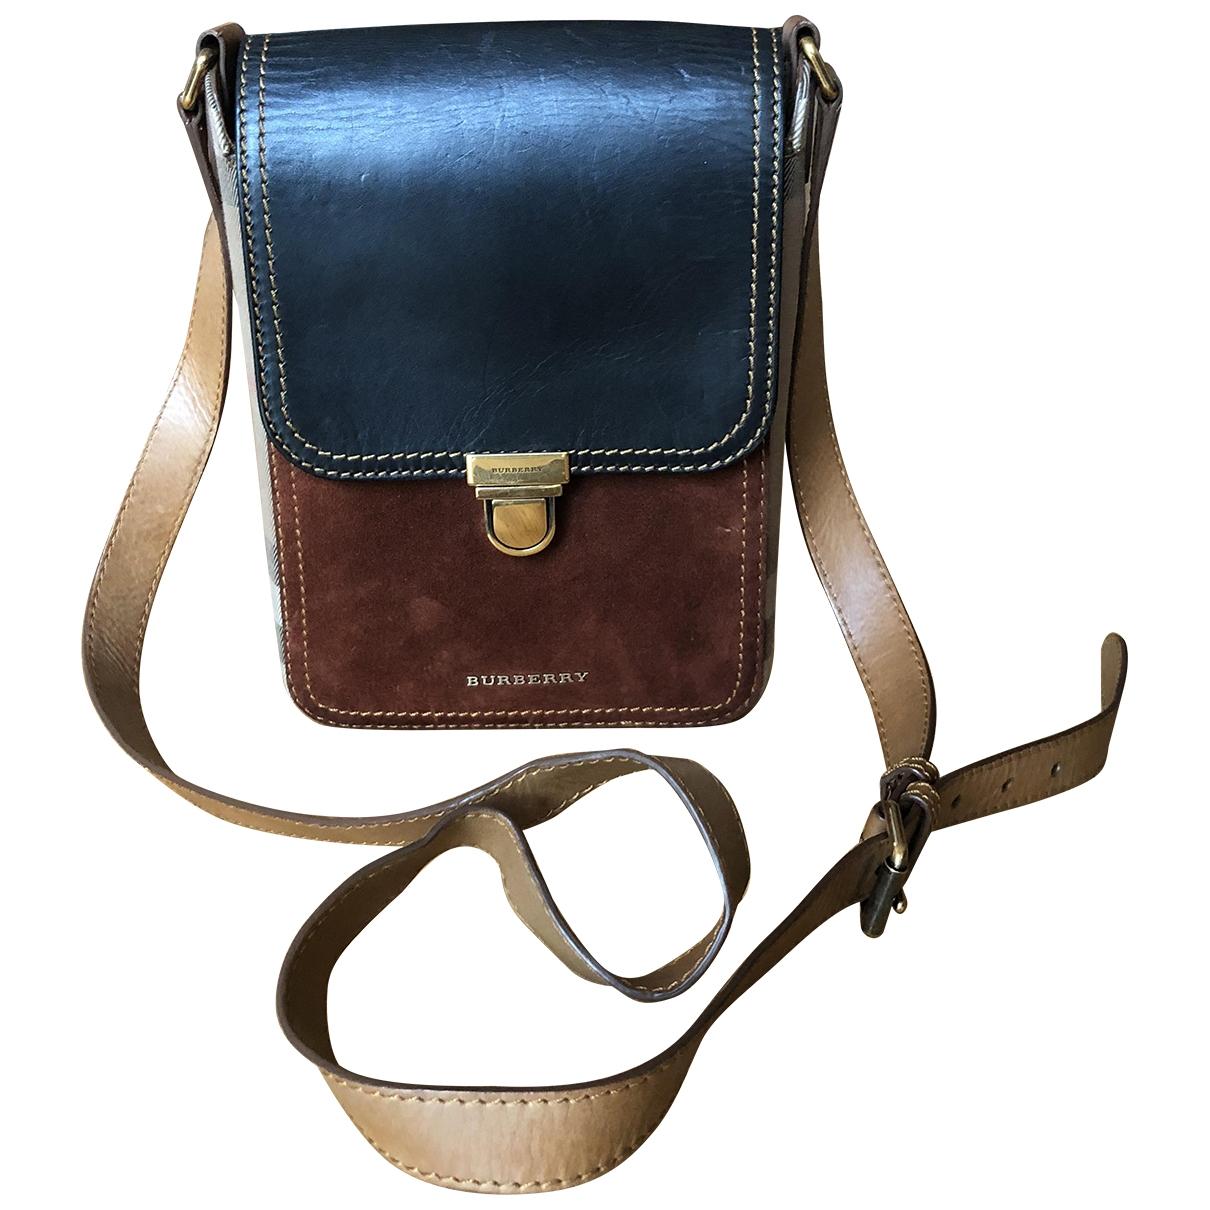 Burberry \N Brown Suede handbag for Women \N